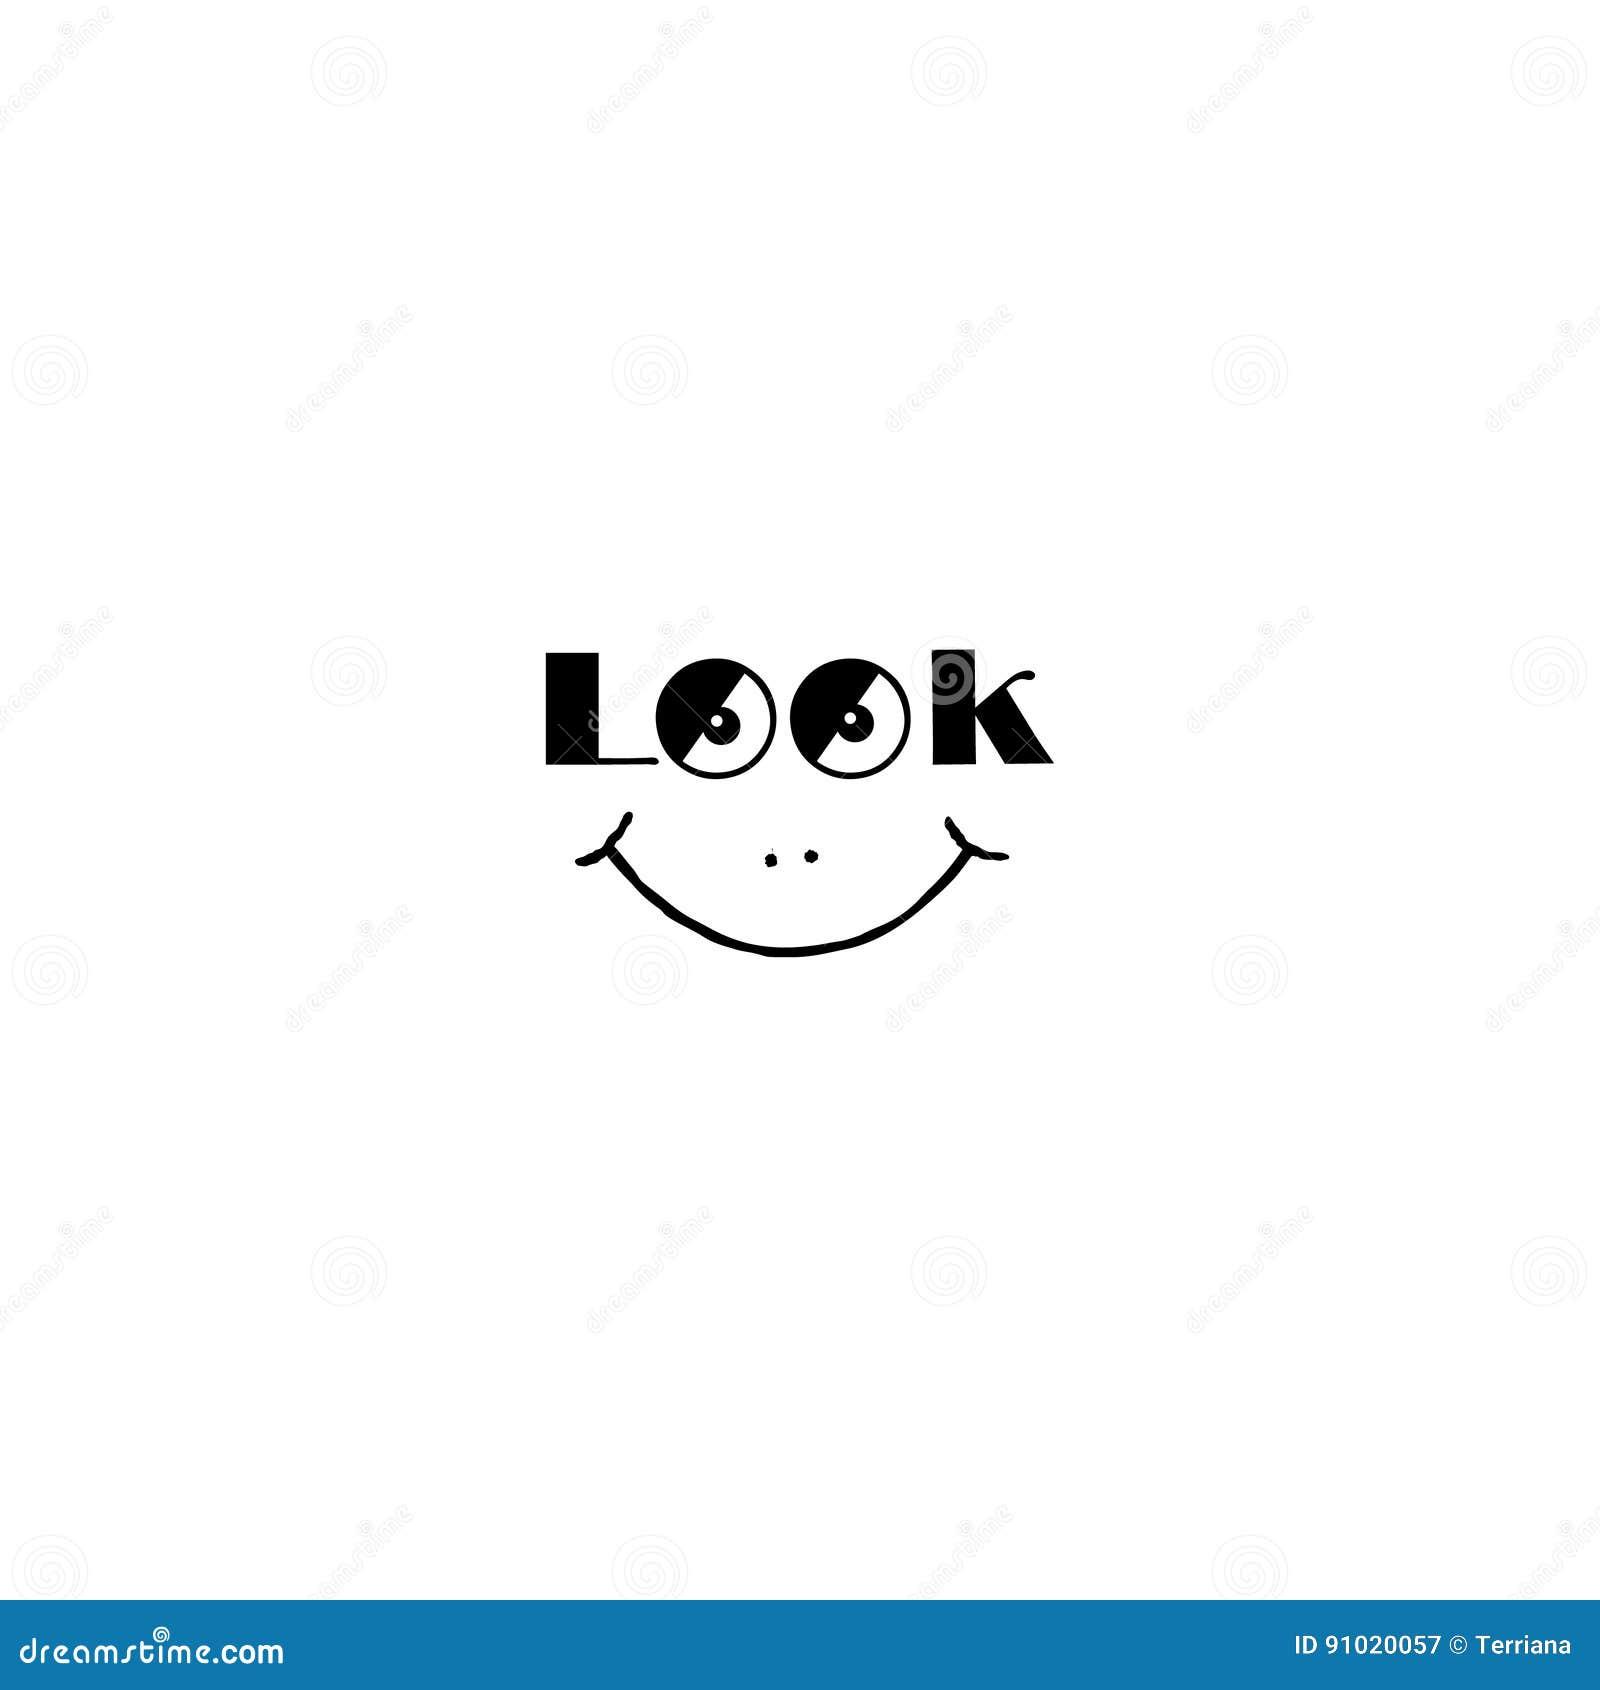 Σημάδι χαμόγελου Εξετάστε με smily σύμβολο Καλό εικονίδιο διάθεσης με το χαμόγελο